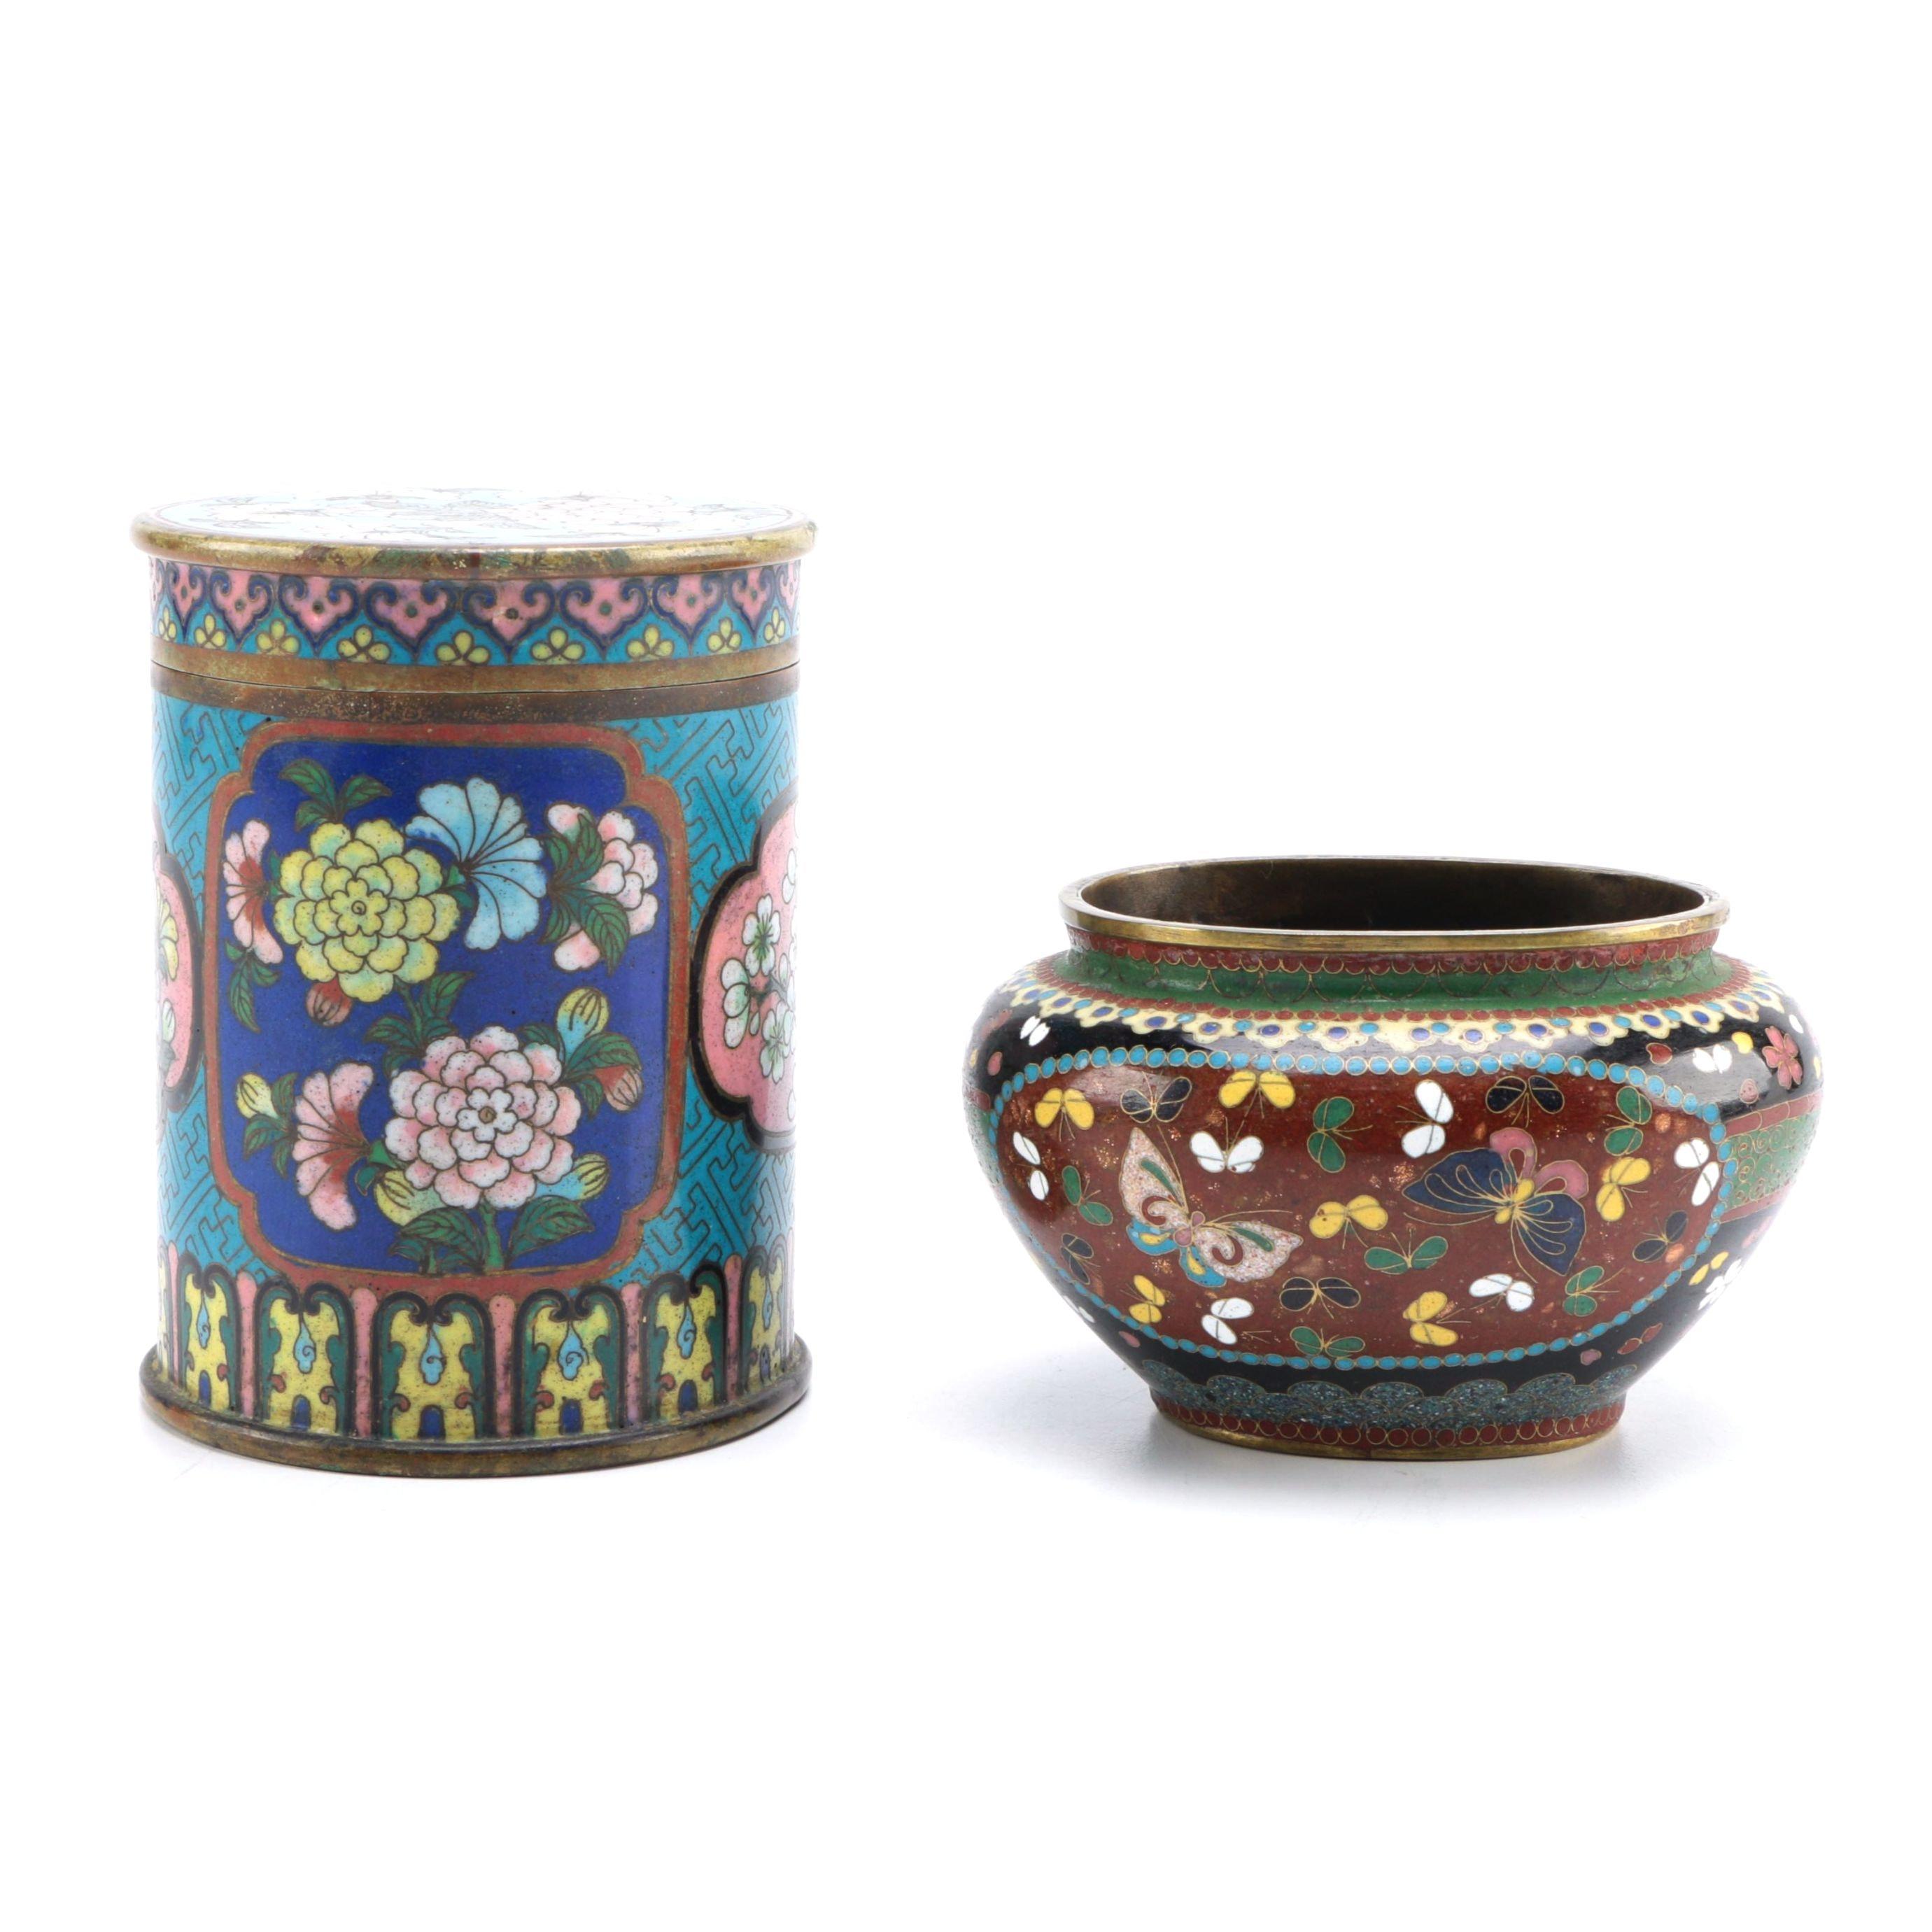 Decorative Cloisonné Brass Tea Cannister and Vase